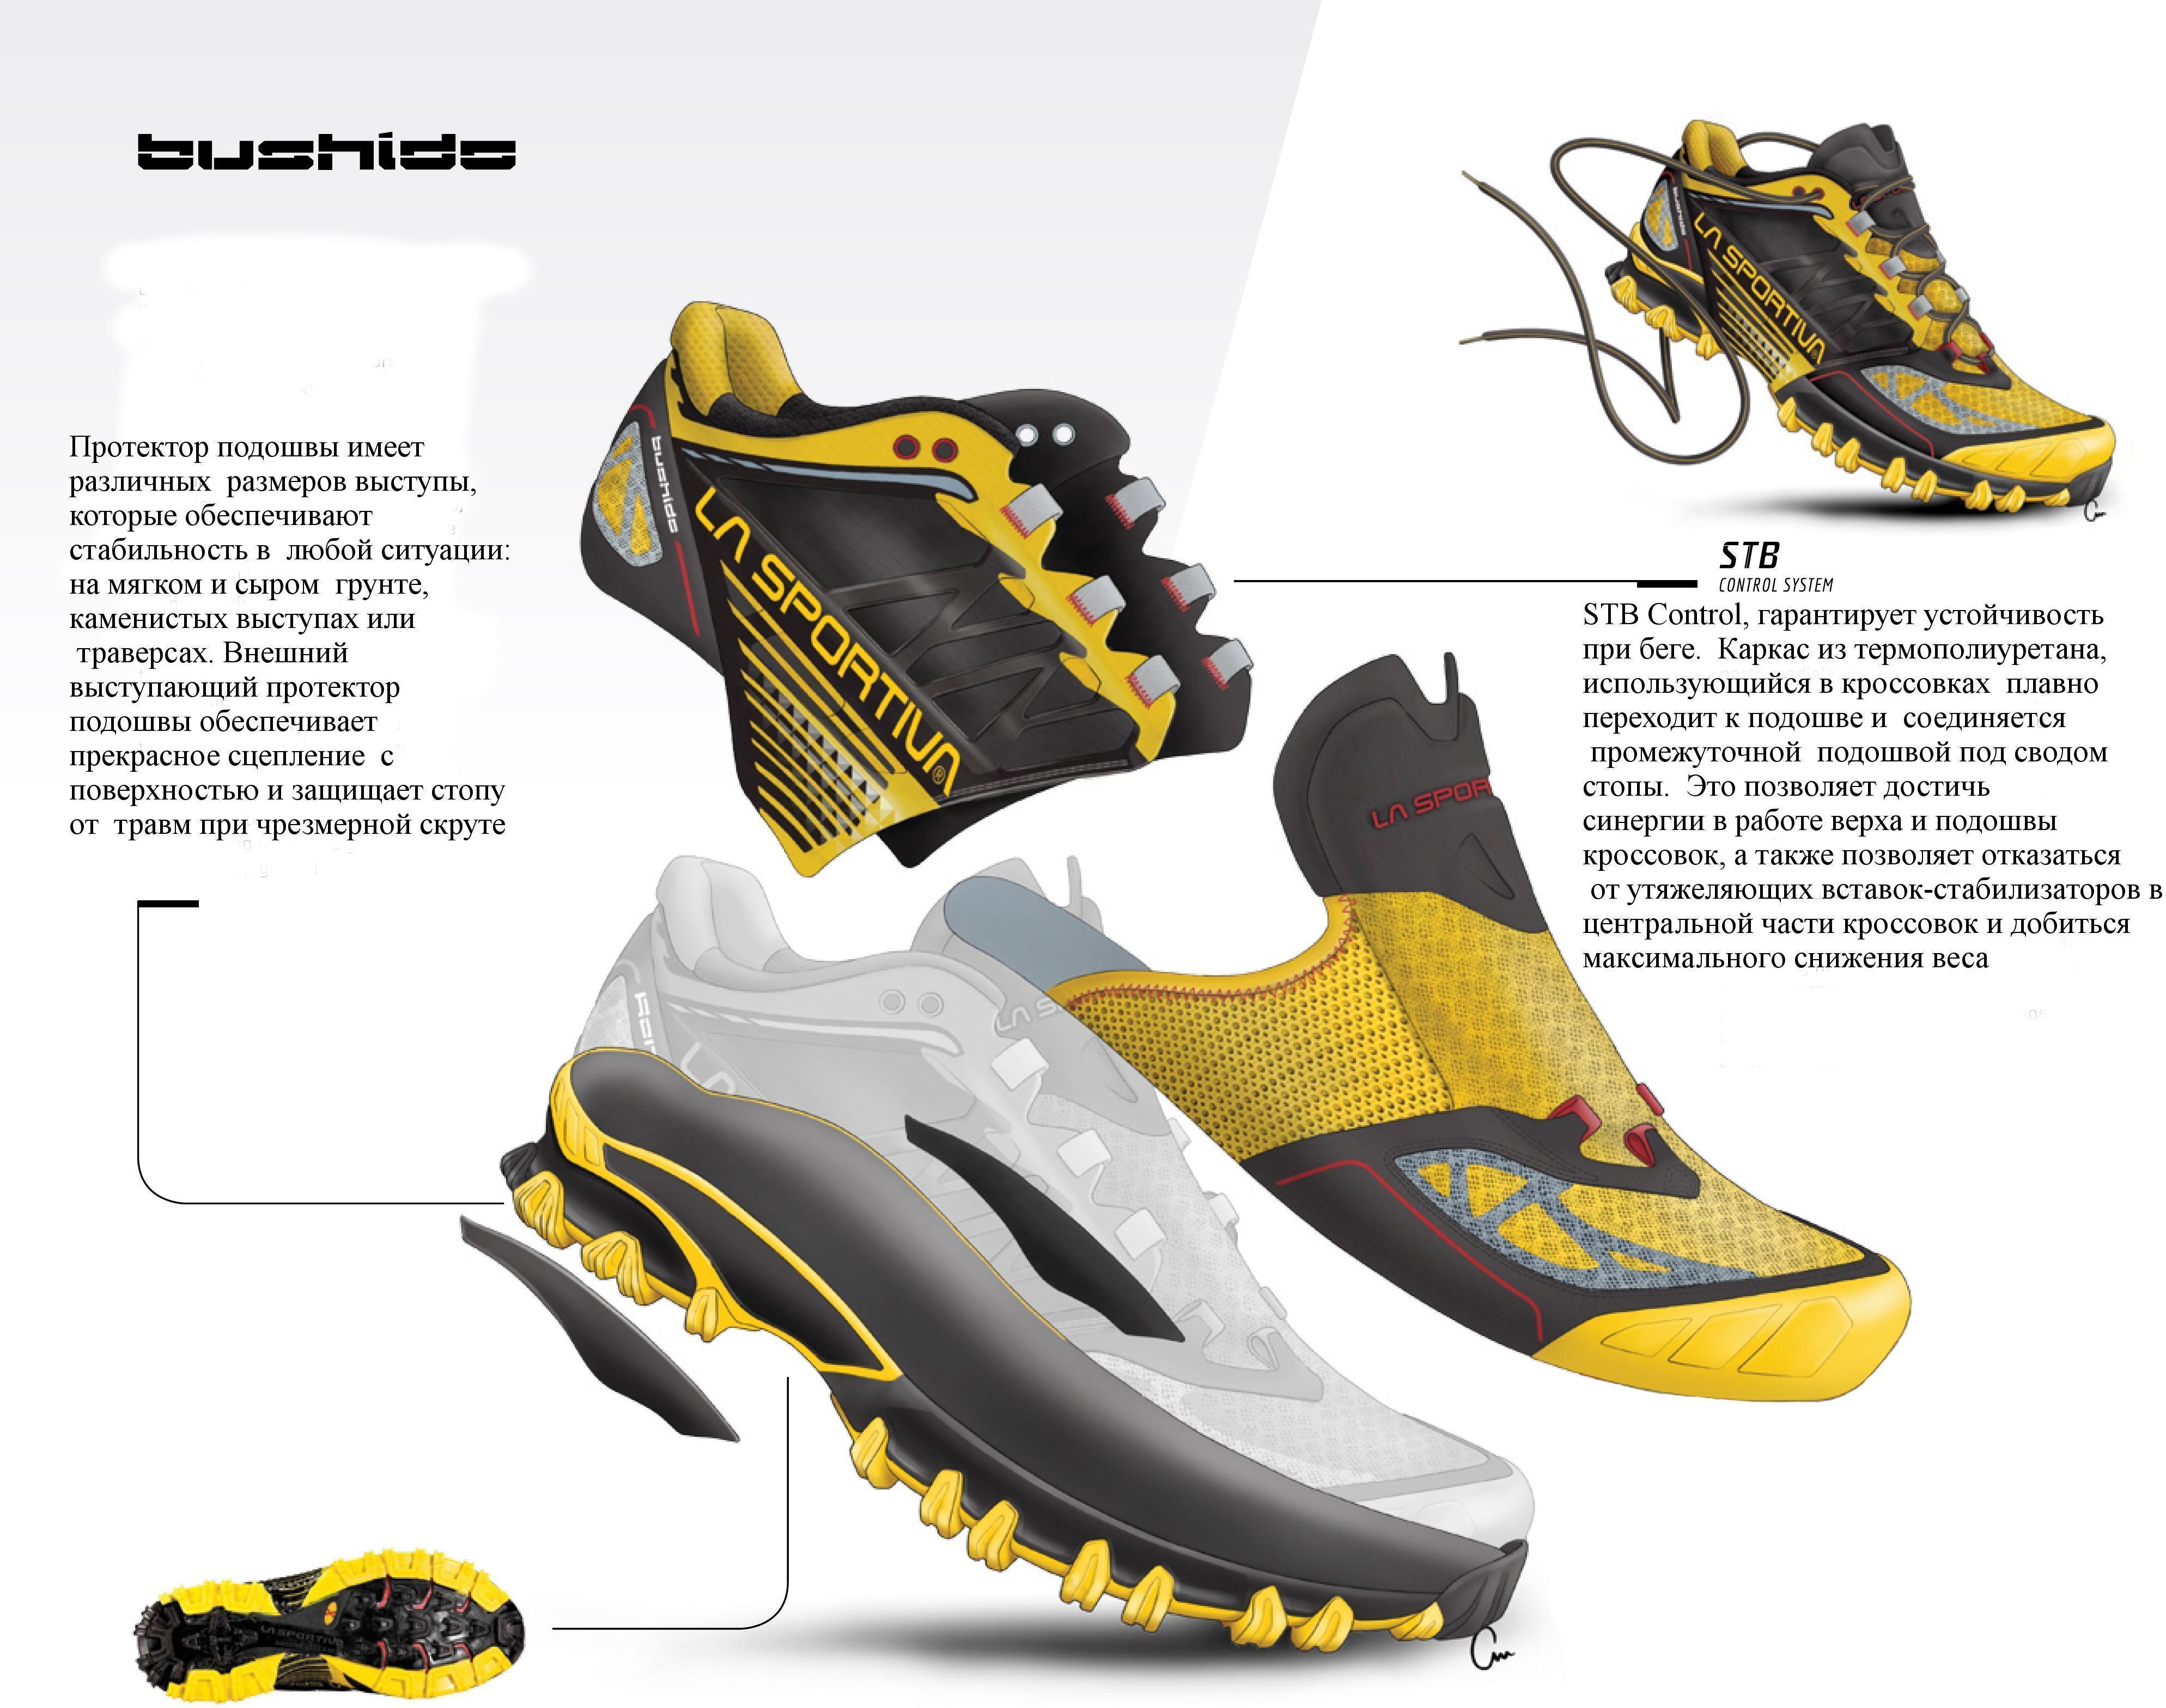 178,9 Approche La Sportiva Tx4 Chaussures Gtx